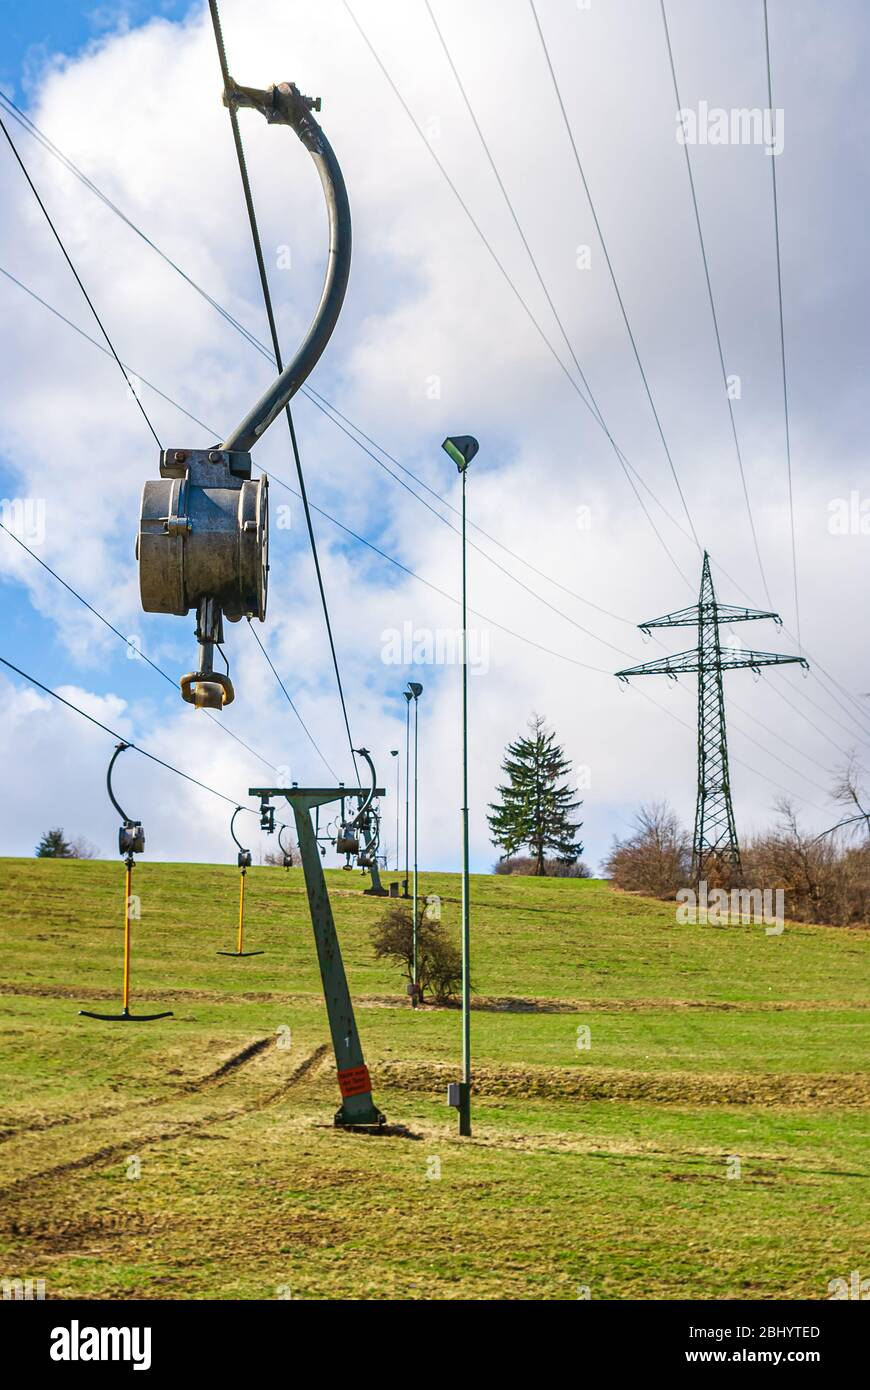 Die Skilifte stehen am Ende des Winters aufgrund der durch den Klimawandel verursachten schneefreien Pisten still. Stockfoto